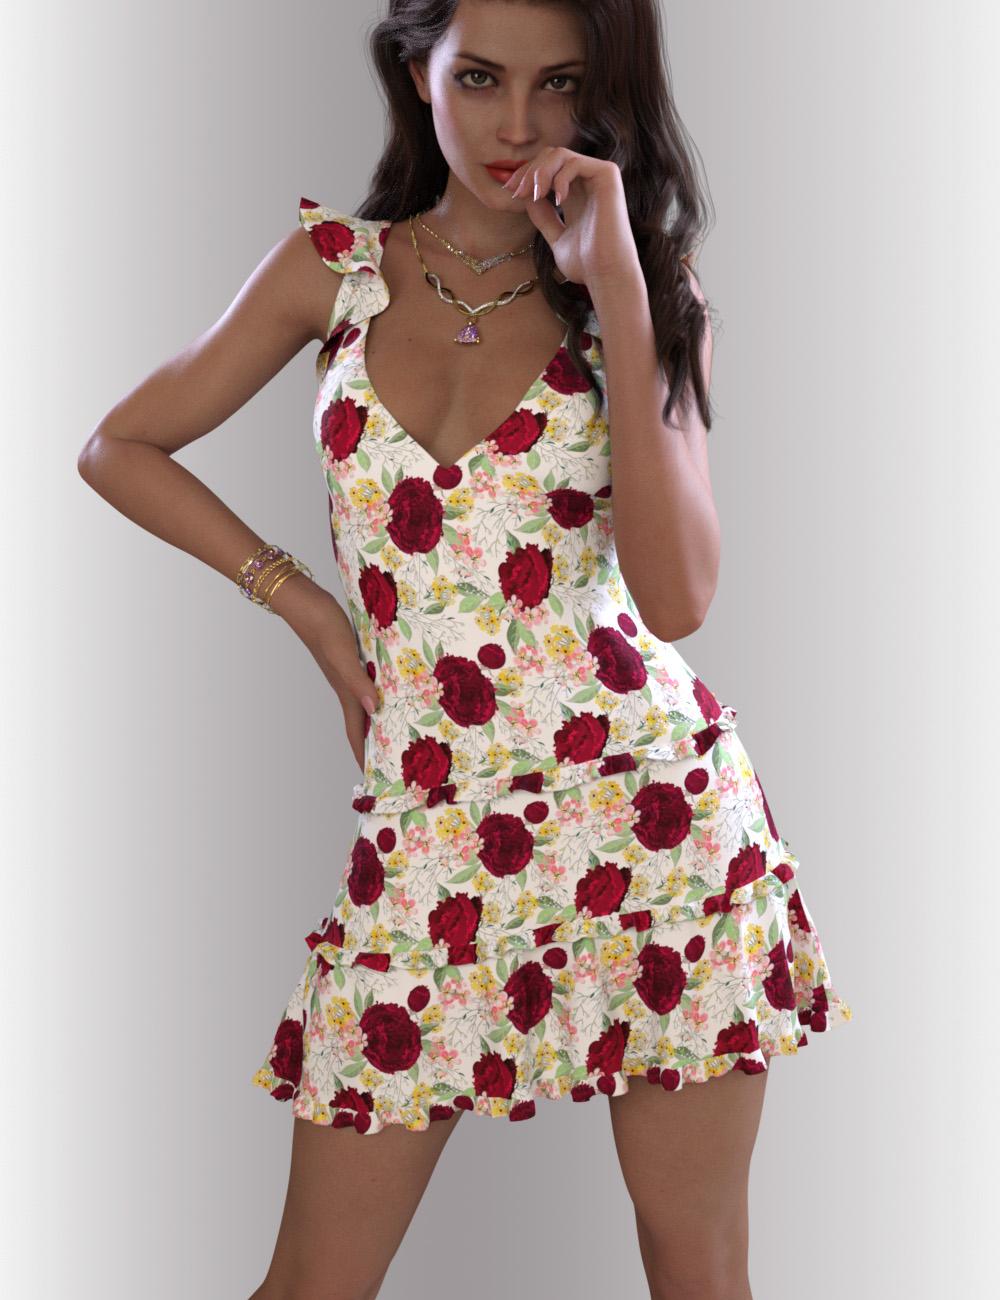 dForce Skyler Dress Outfit for Genesis 8.1 Females by: OnnelArryn, 3D Models by Daz 3D